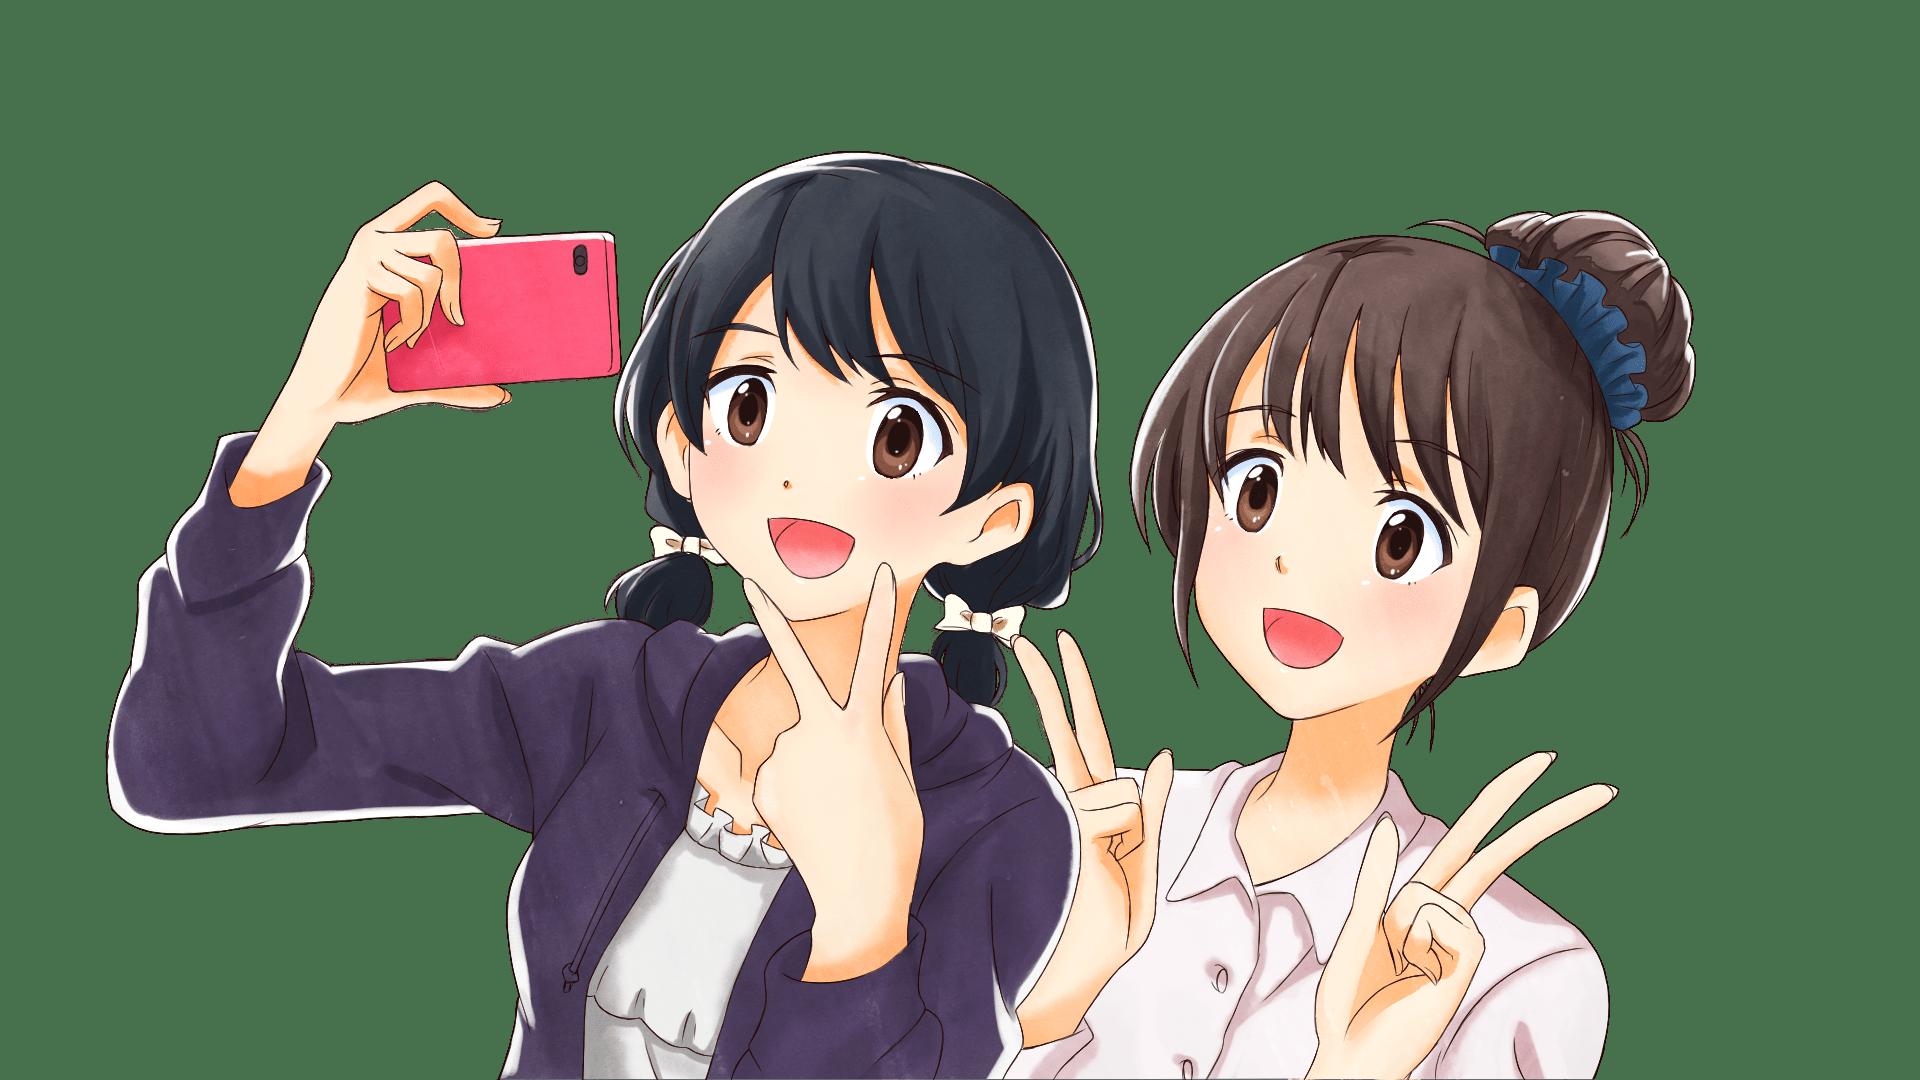 2人で自撮りする若い女の子たちのフリーイラスト画像素材商用無料